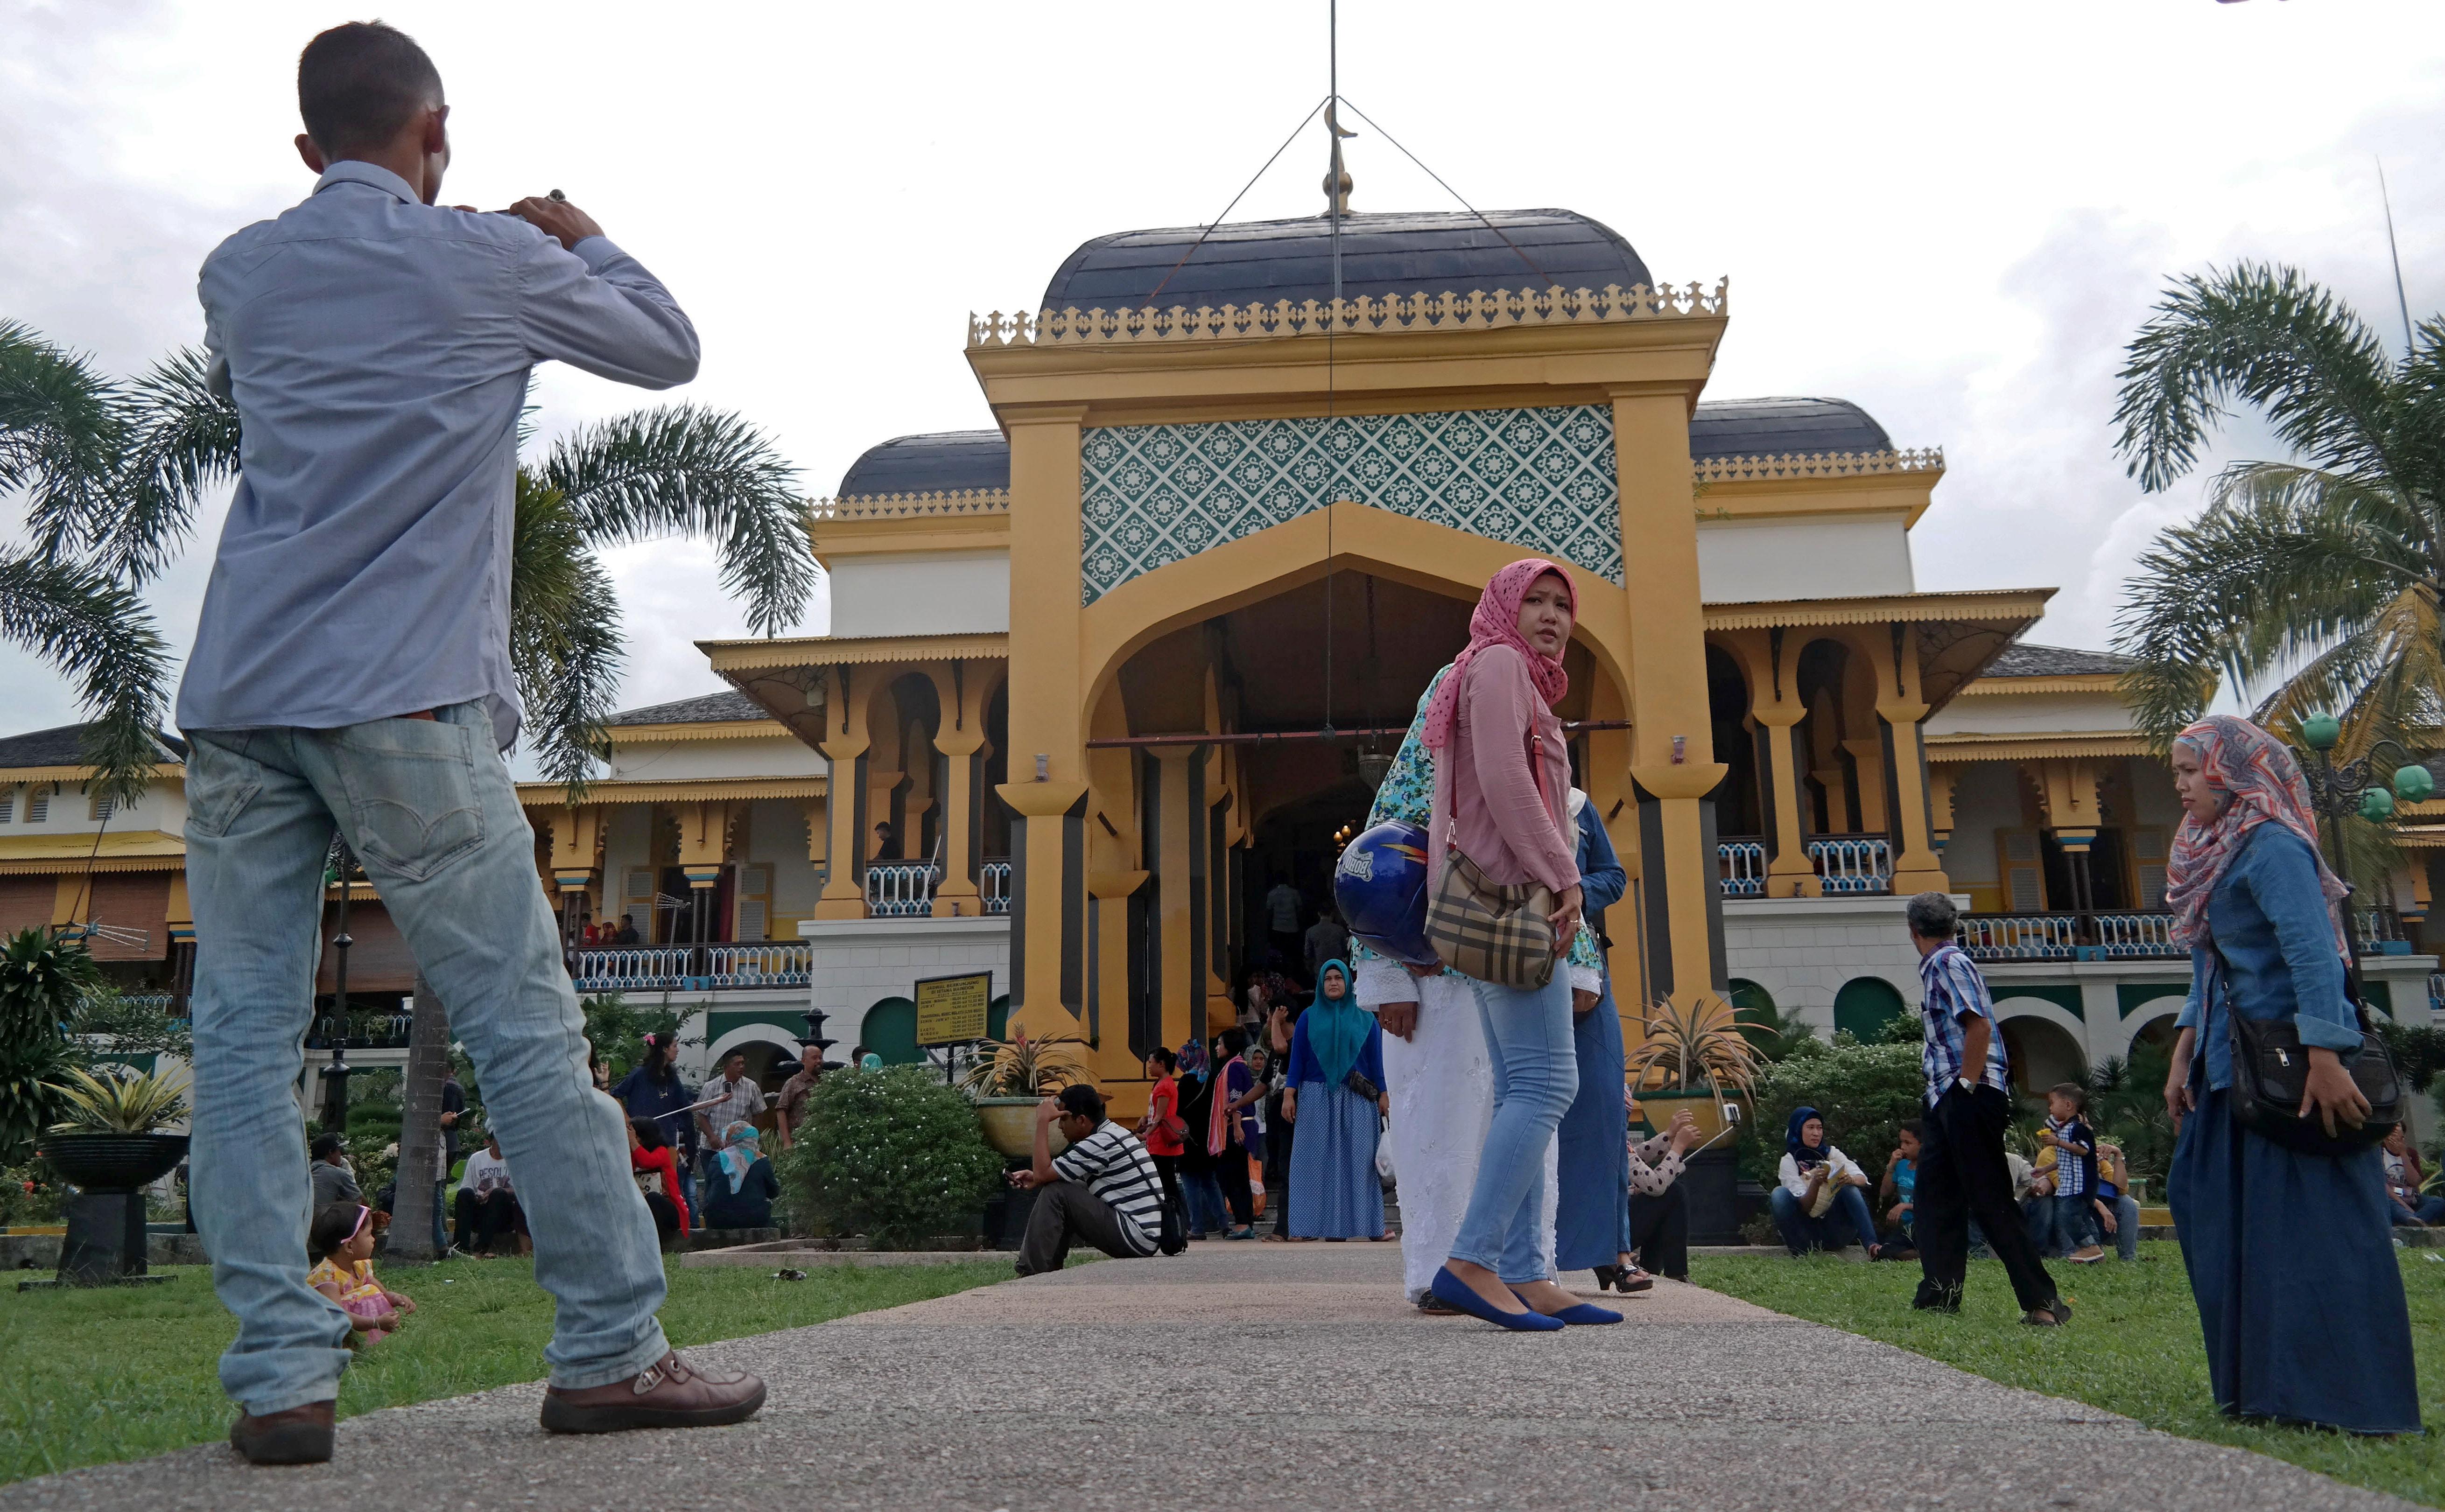 Objek Wisata Sejahtera Istana Maimun Medan Berita Daerah Kota